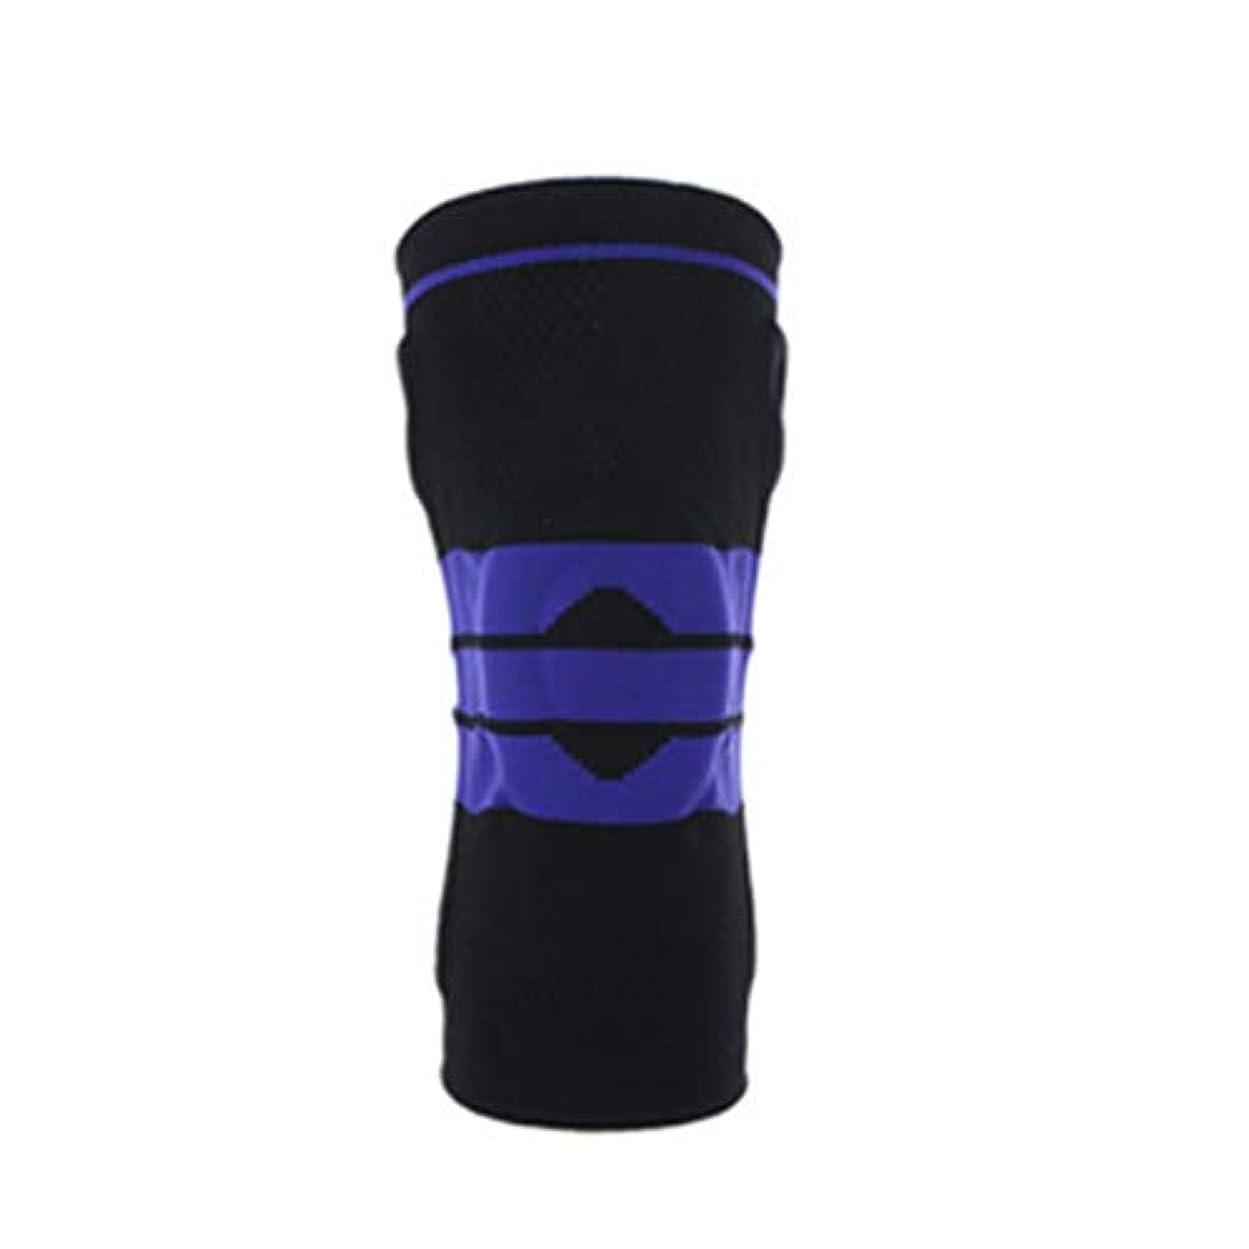 適合しました調子補助金男性と女性のスポーツ膝パッドシリコーンスプリングニット膝パッドバスケットボール-Rustle666